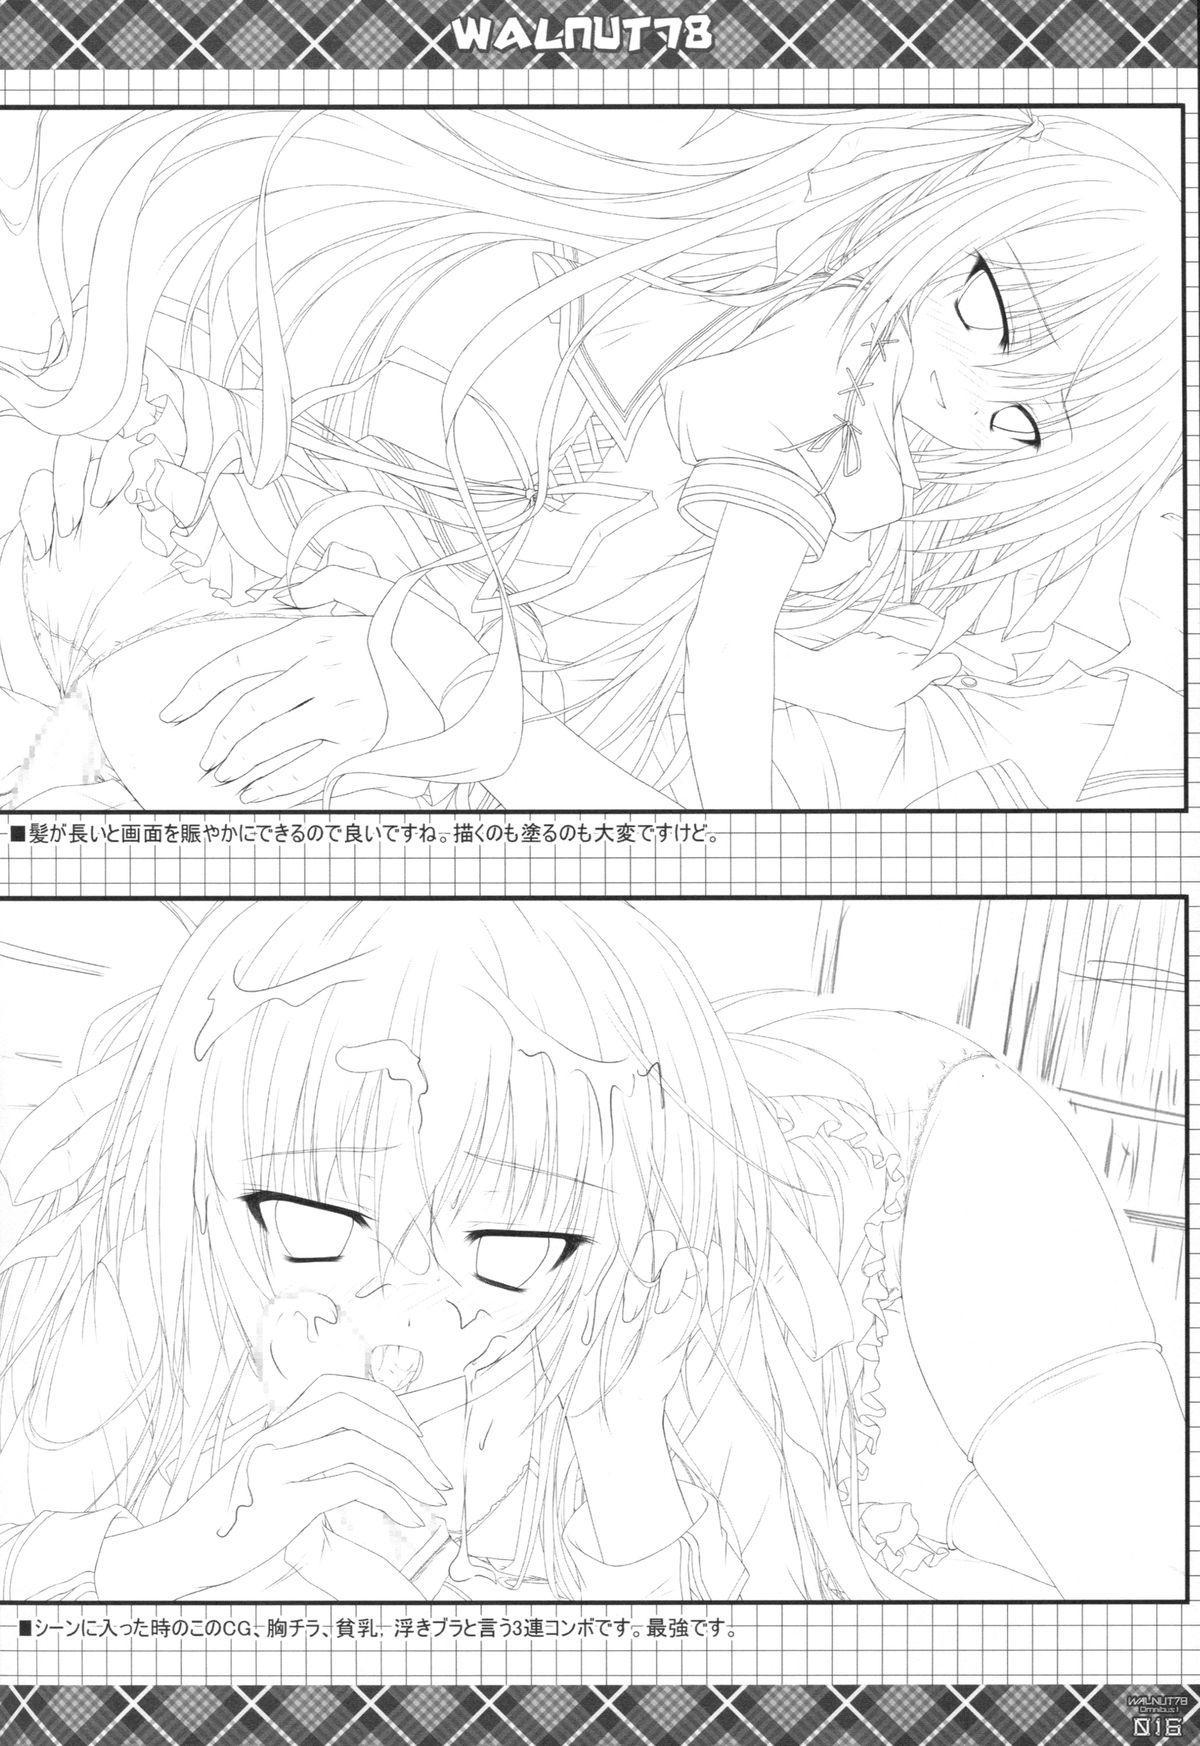 (C89) [Sui-en (Sui-en)] WALNUT78 Omnibus 1 -Suien-en Illustrations 2012-2014- (Various) 13